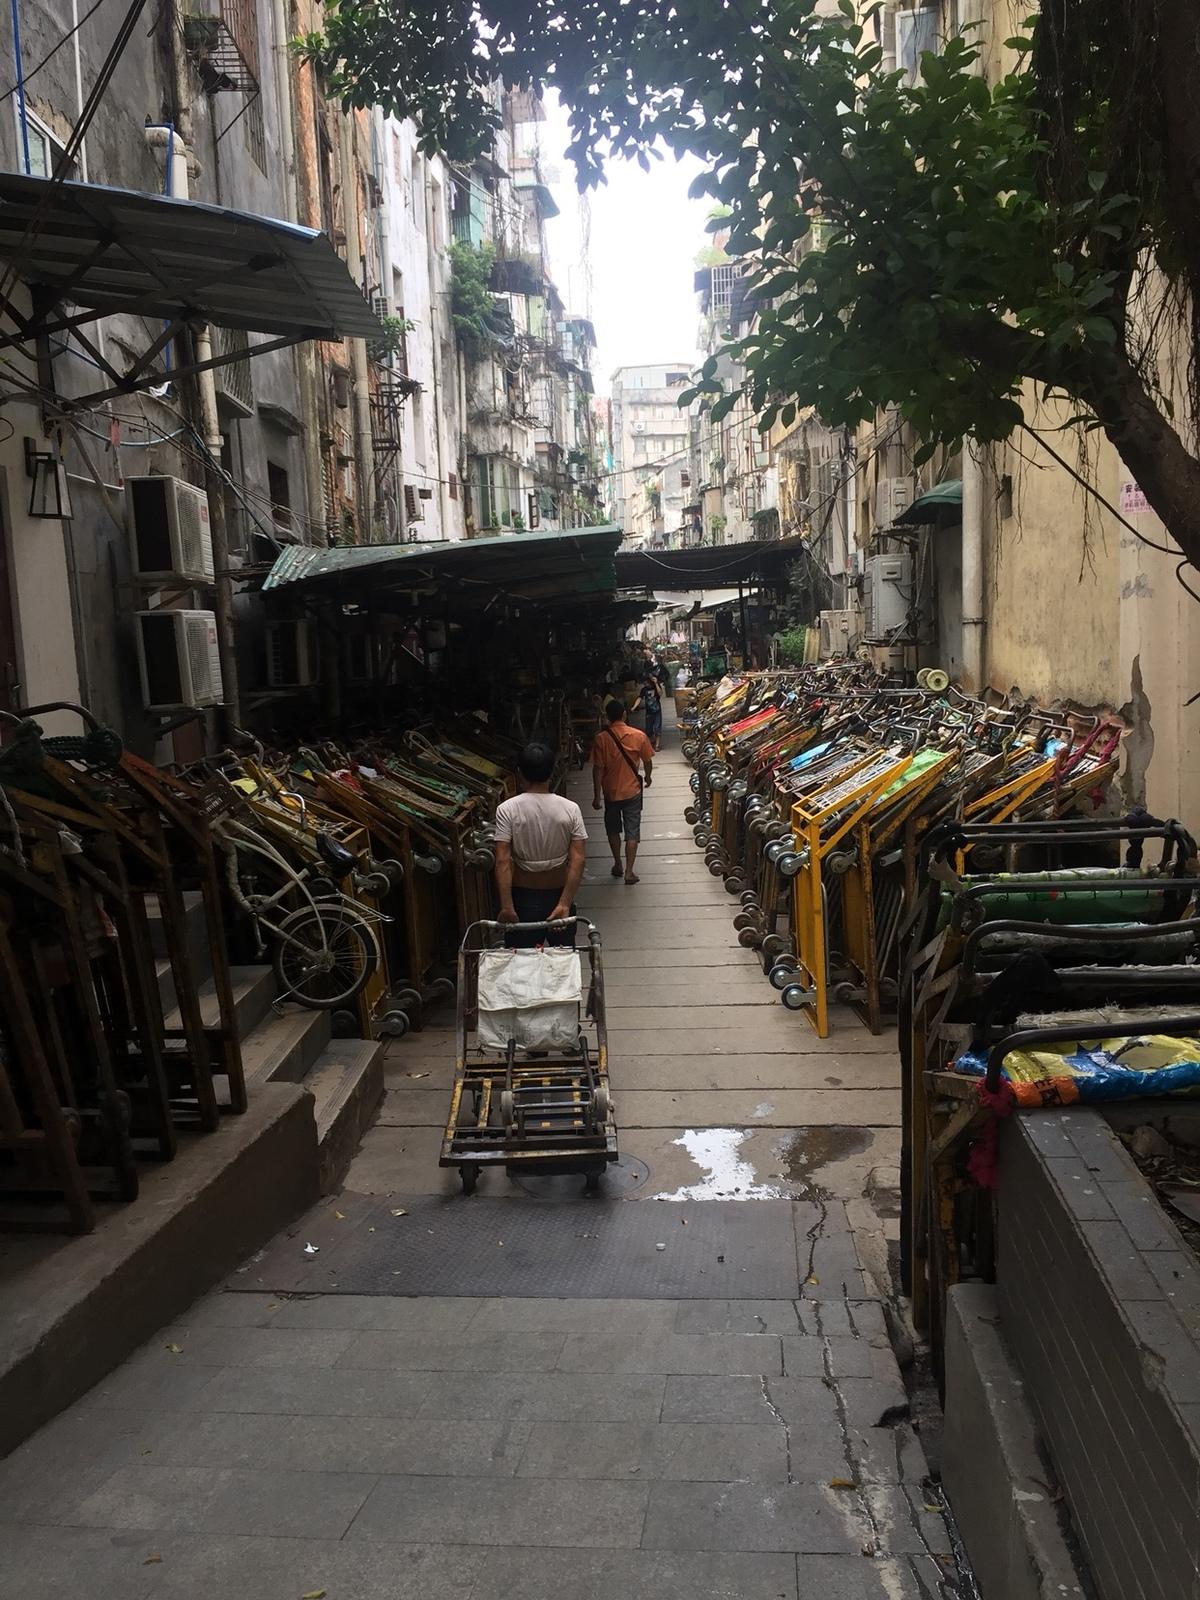 اجمل مدن العالم الصين 474170 المسافرون العرب